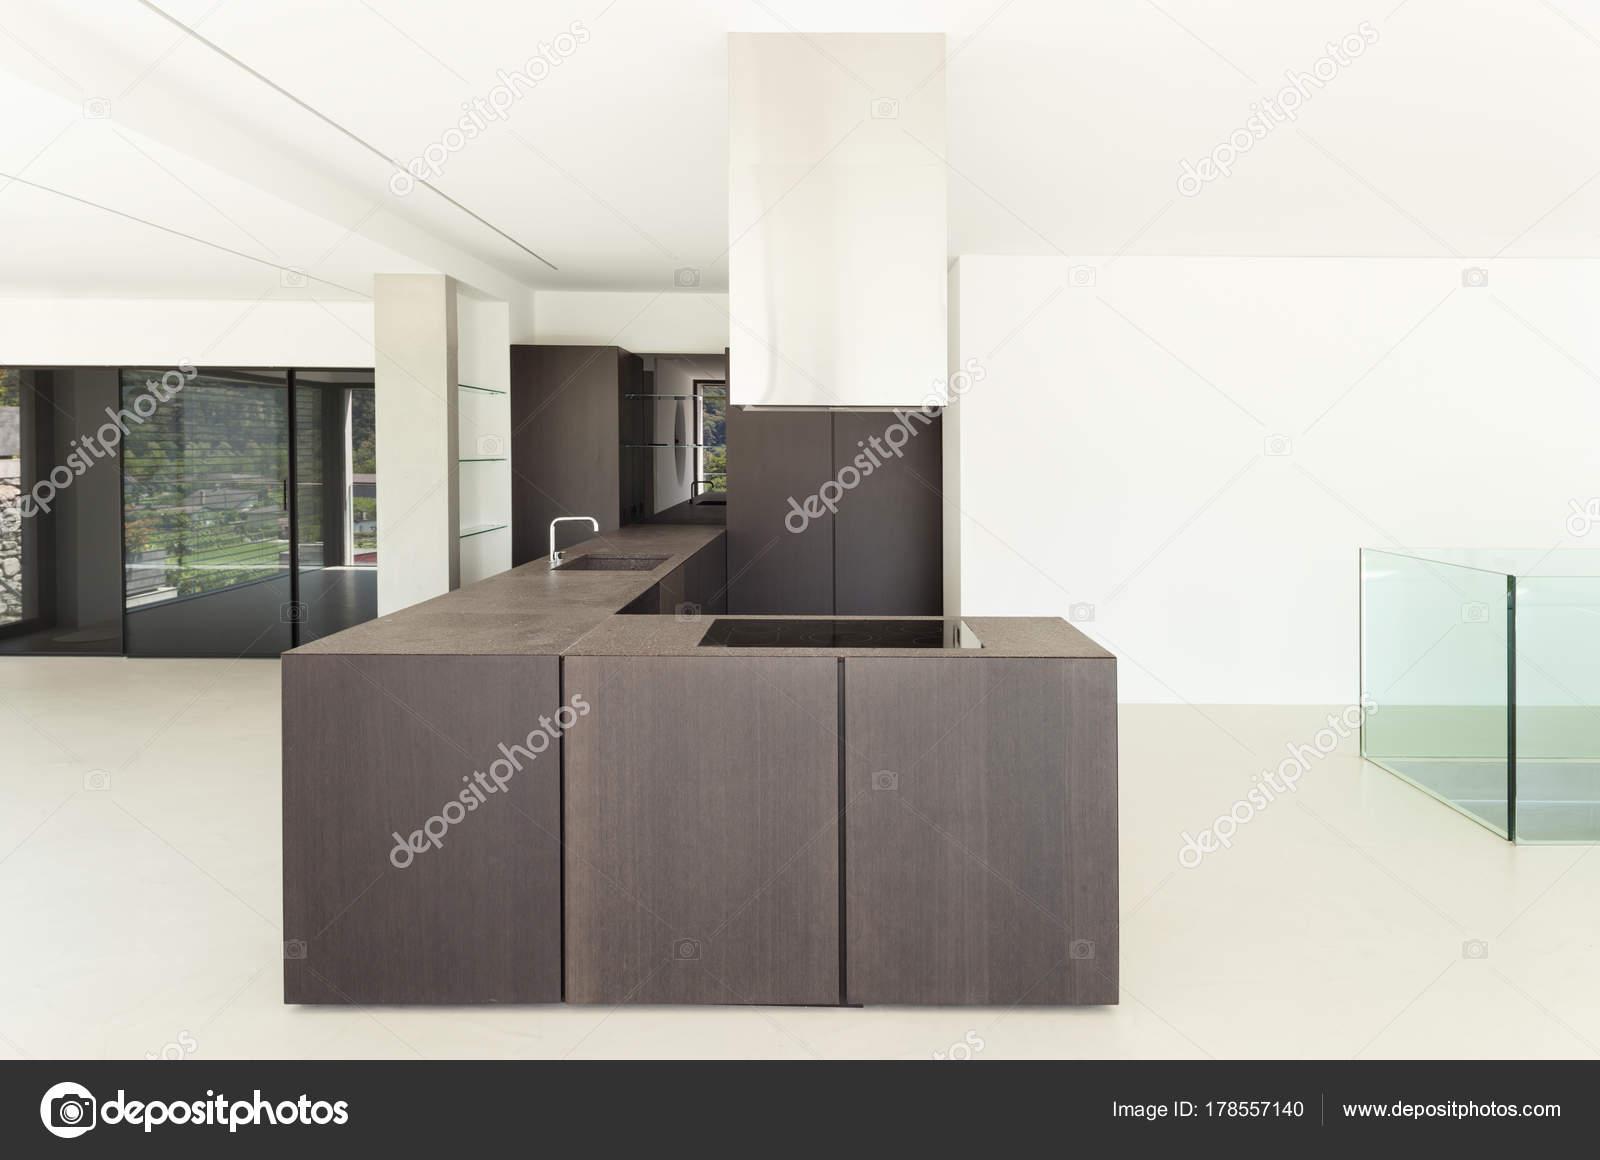 Neue Architektur Moderne Kuche Stockfoto C Zveiger 178557140